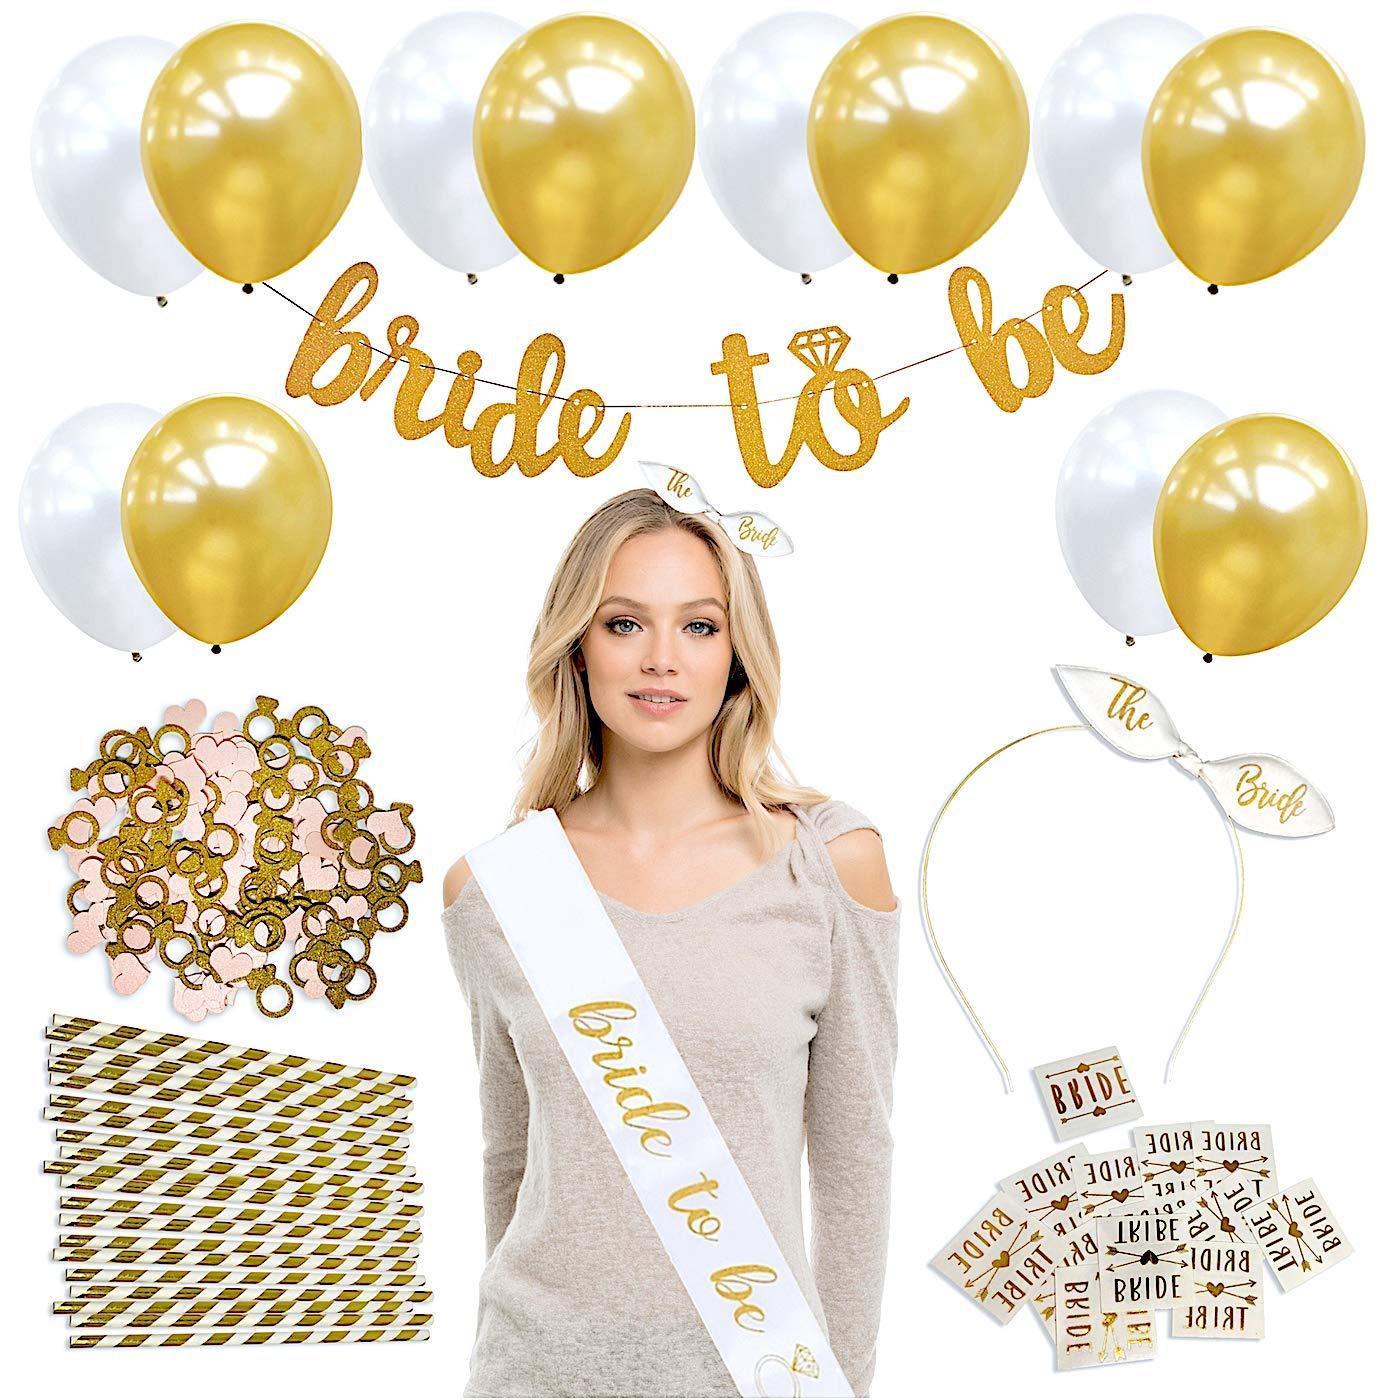 Details About Bachelorette Party Decorations Kit Bridal Shower Decoration Party Supplies